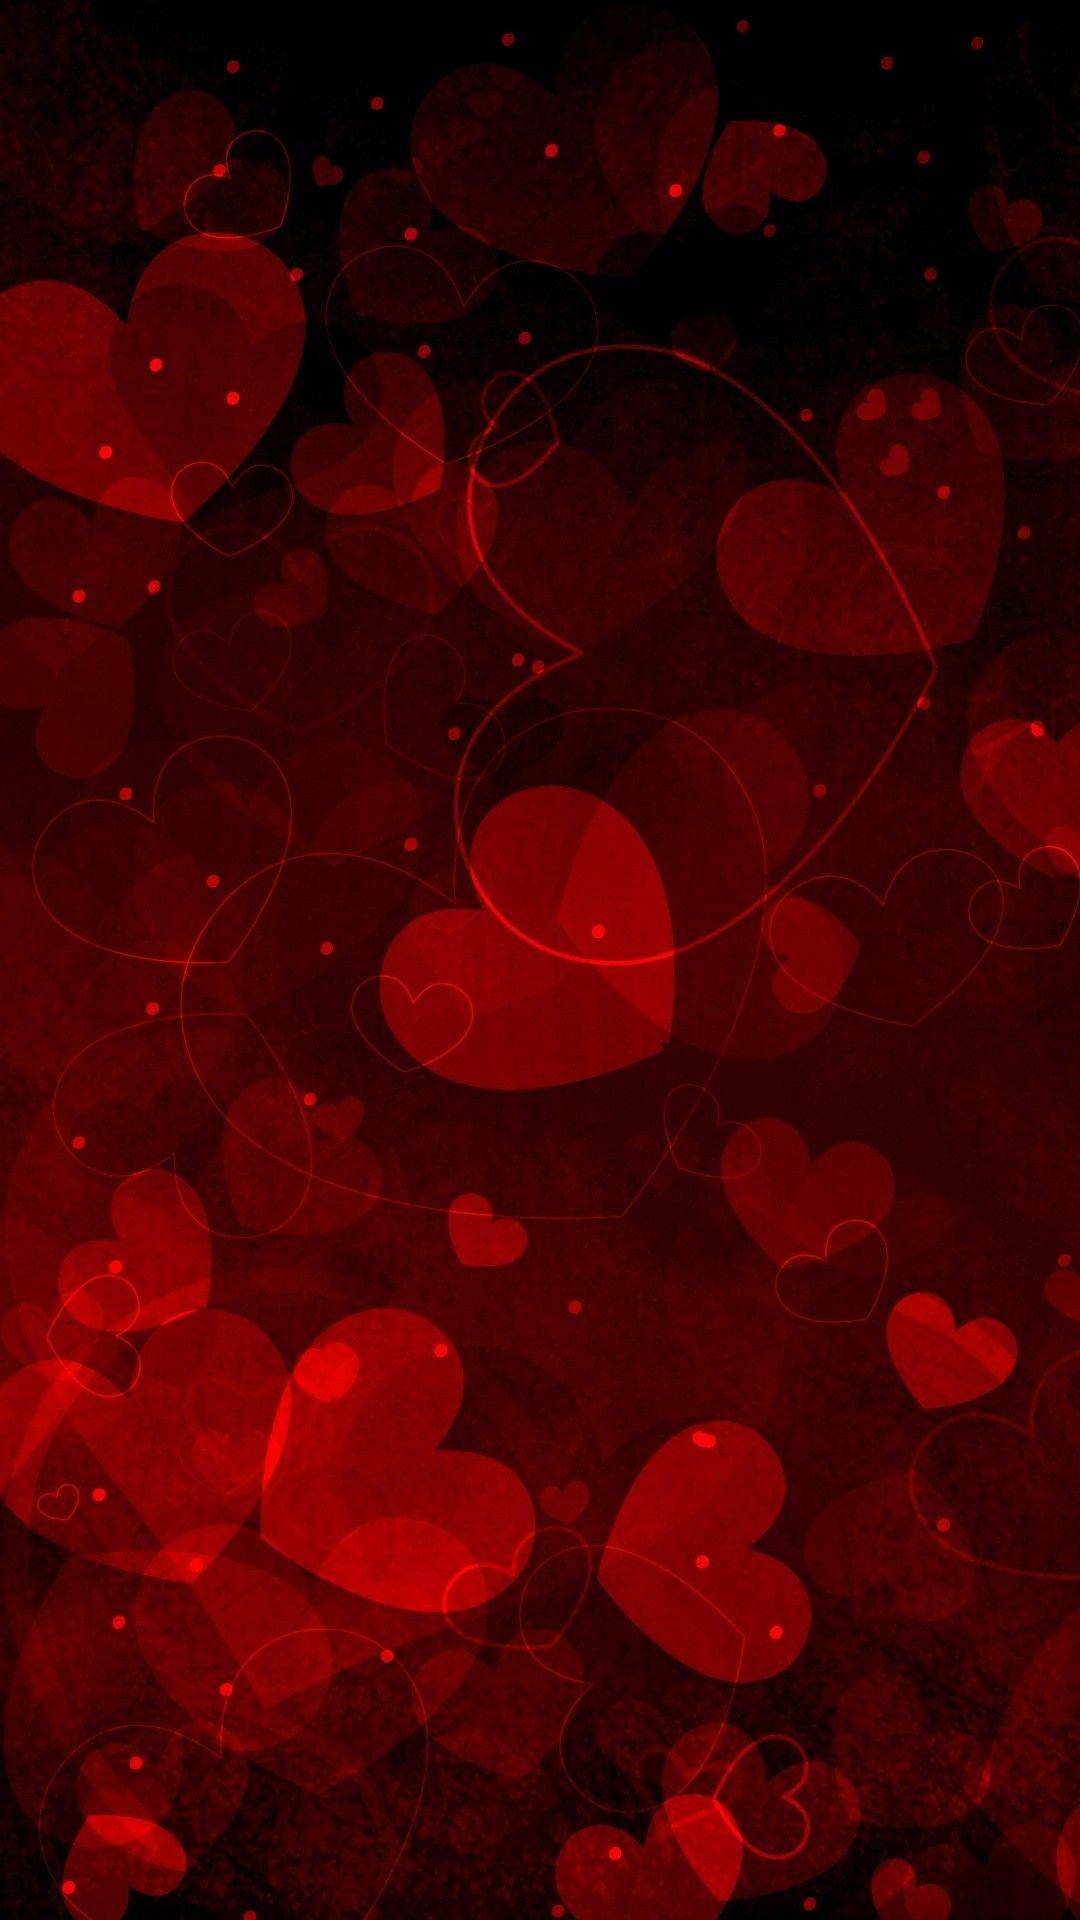 Epingle Par Http Bombastikgirl Com Sur Wallpapers Idee De Fond D Ecran Fond D Ecran Telephone Coeurs Rouges